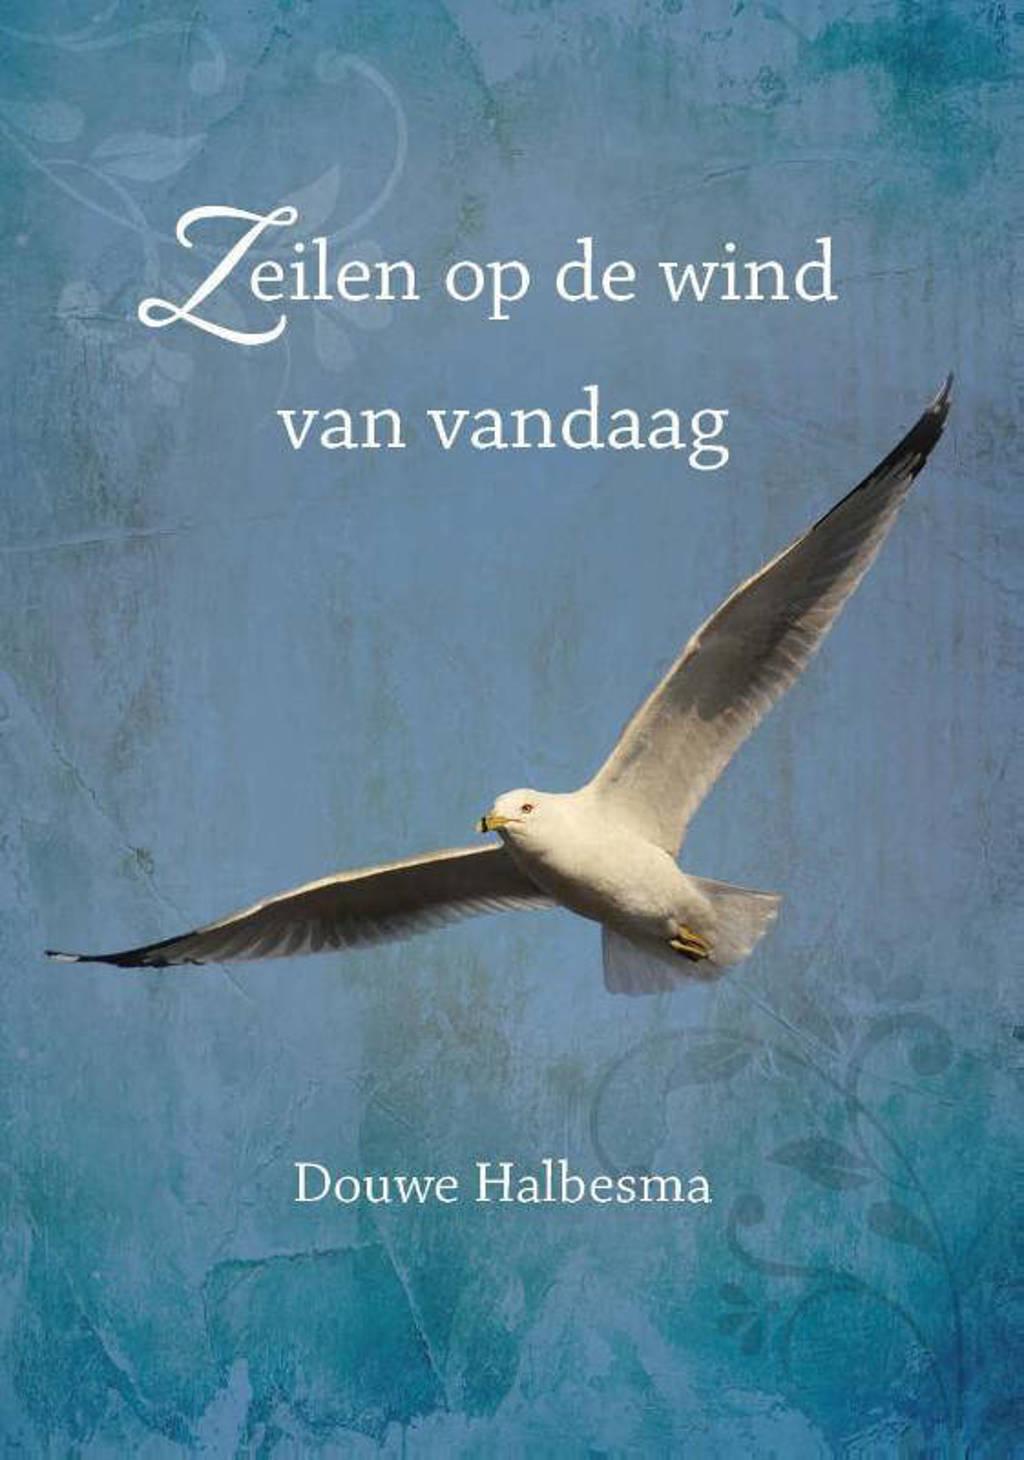 Zeilen op de wind van vandaag - Douwe Halbesma